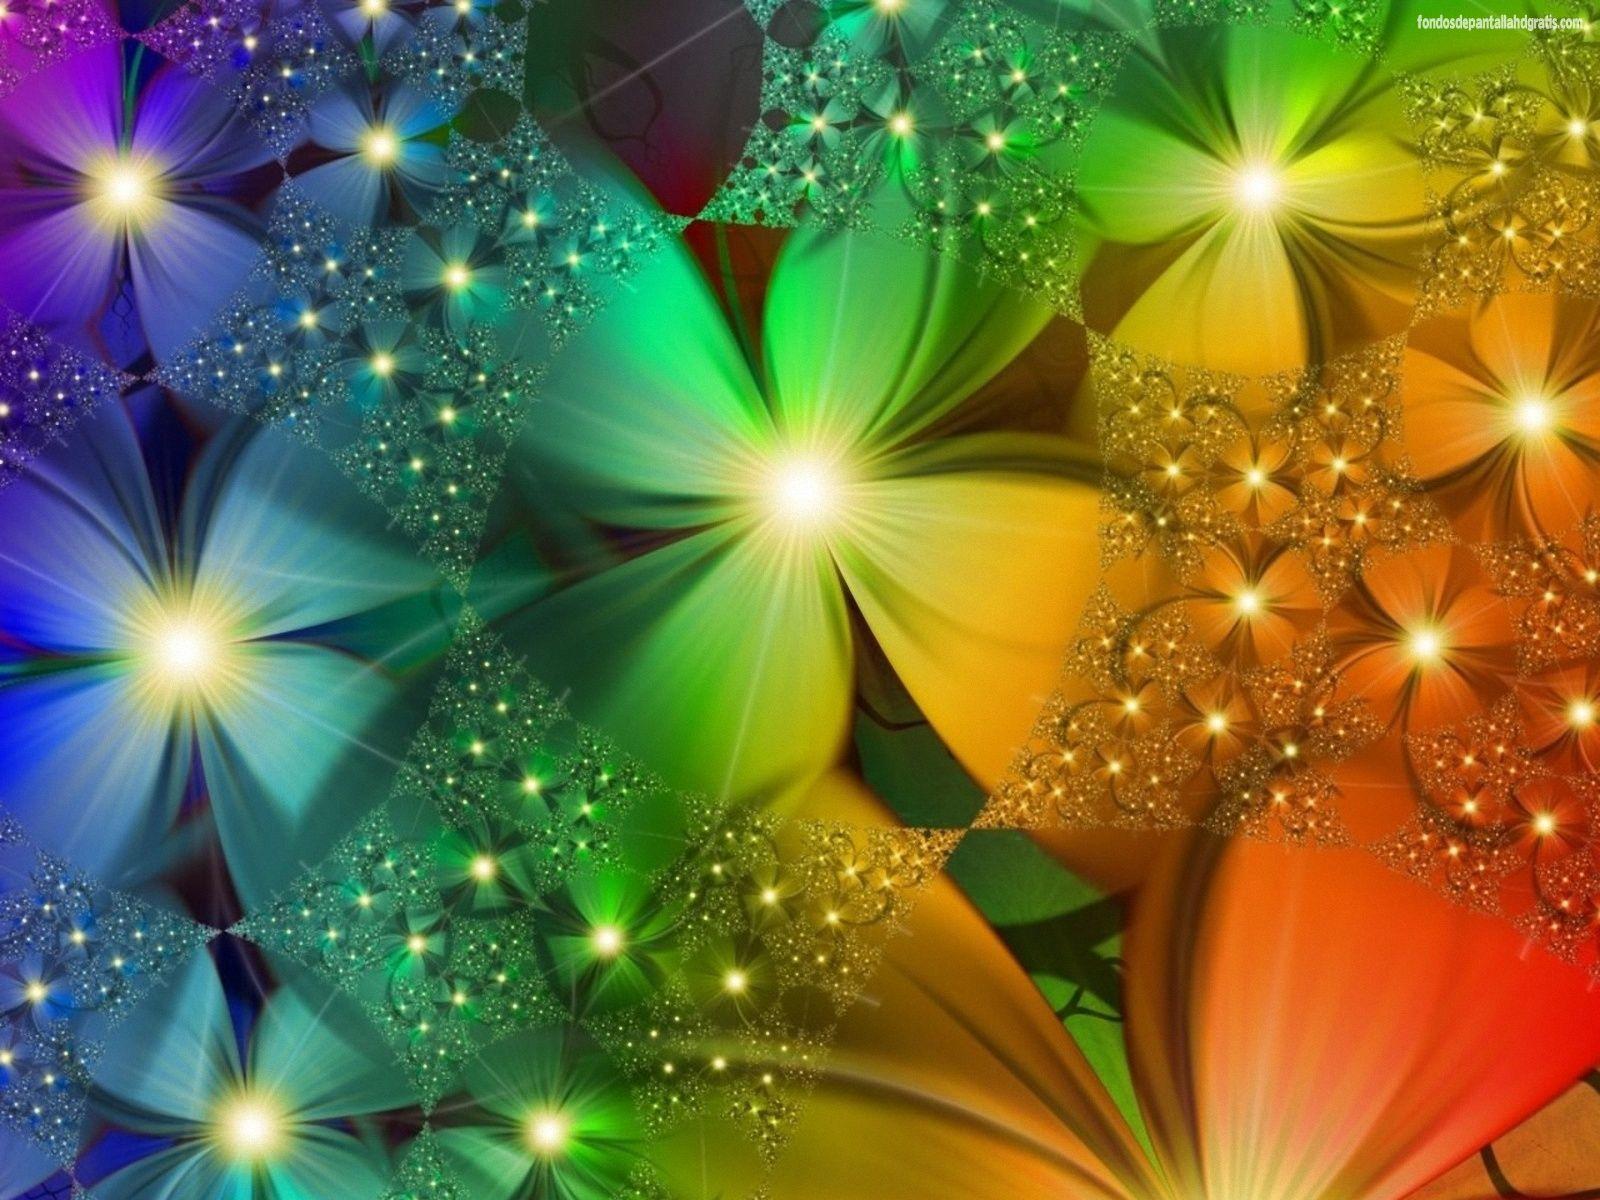 Fondos De Pantalla De Flores Hermosas: Imagenes De Flores Hermosas Con Movimiento Y Brillo